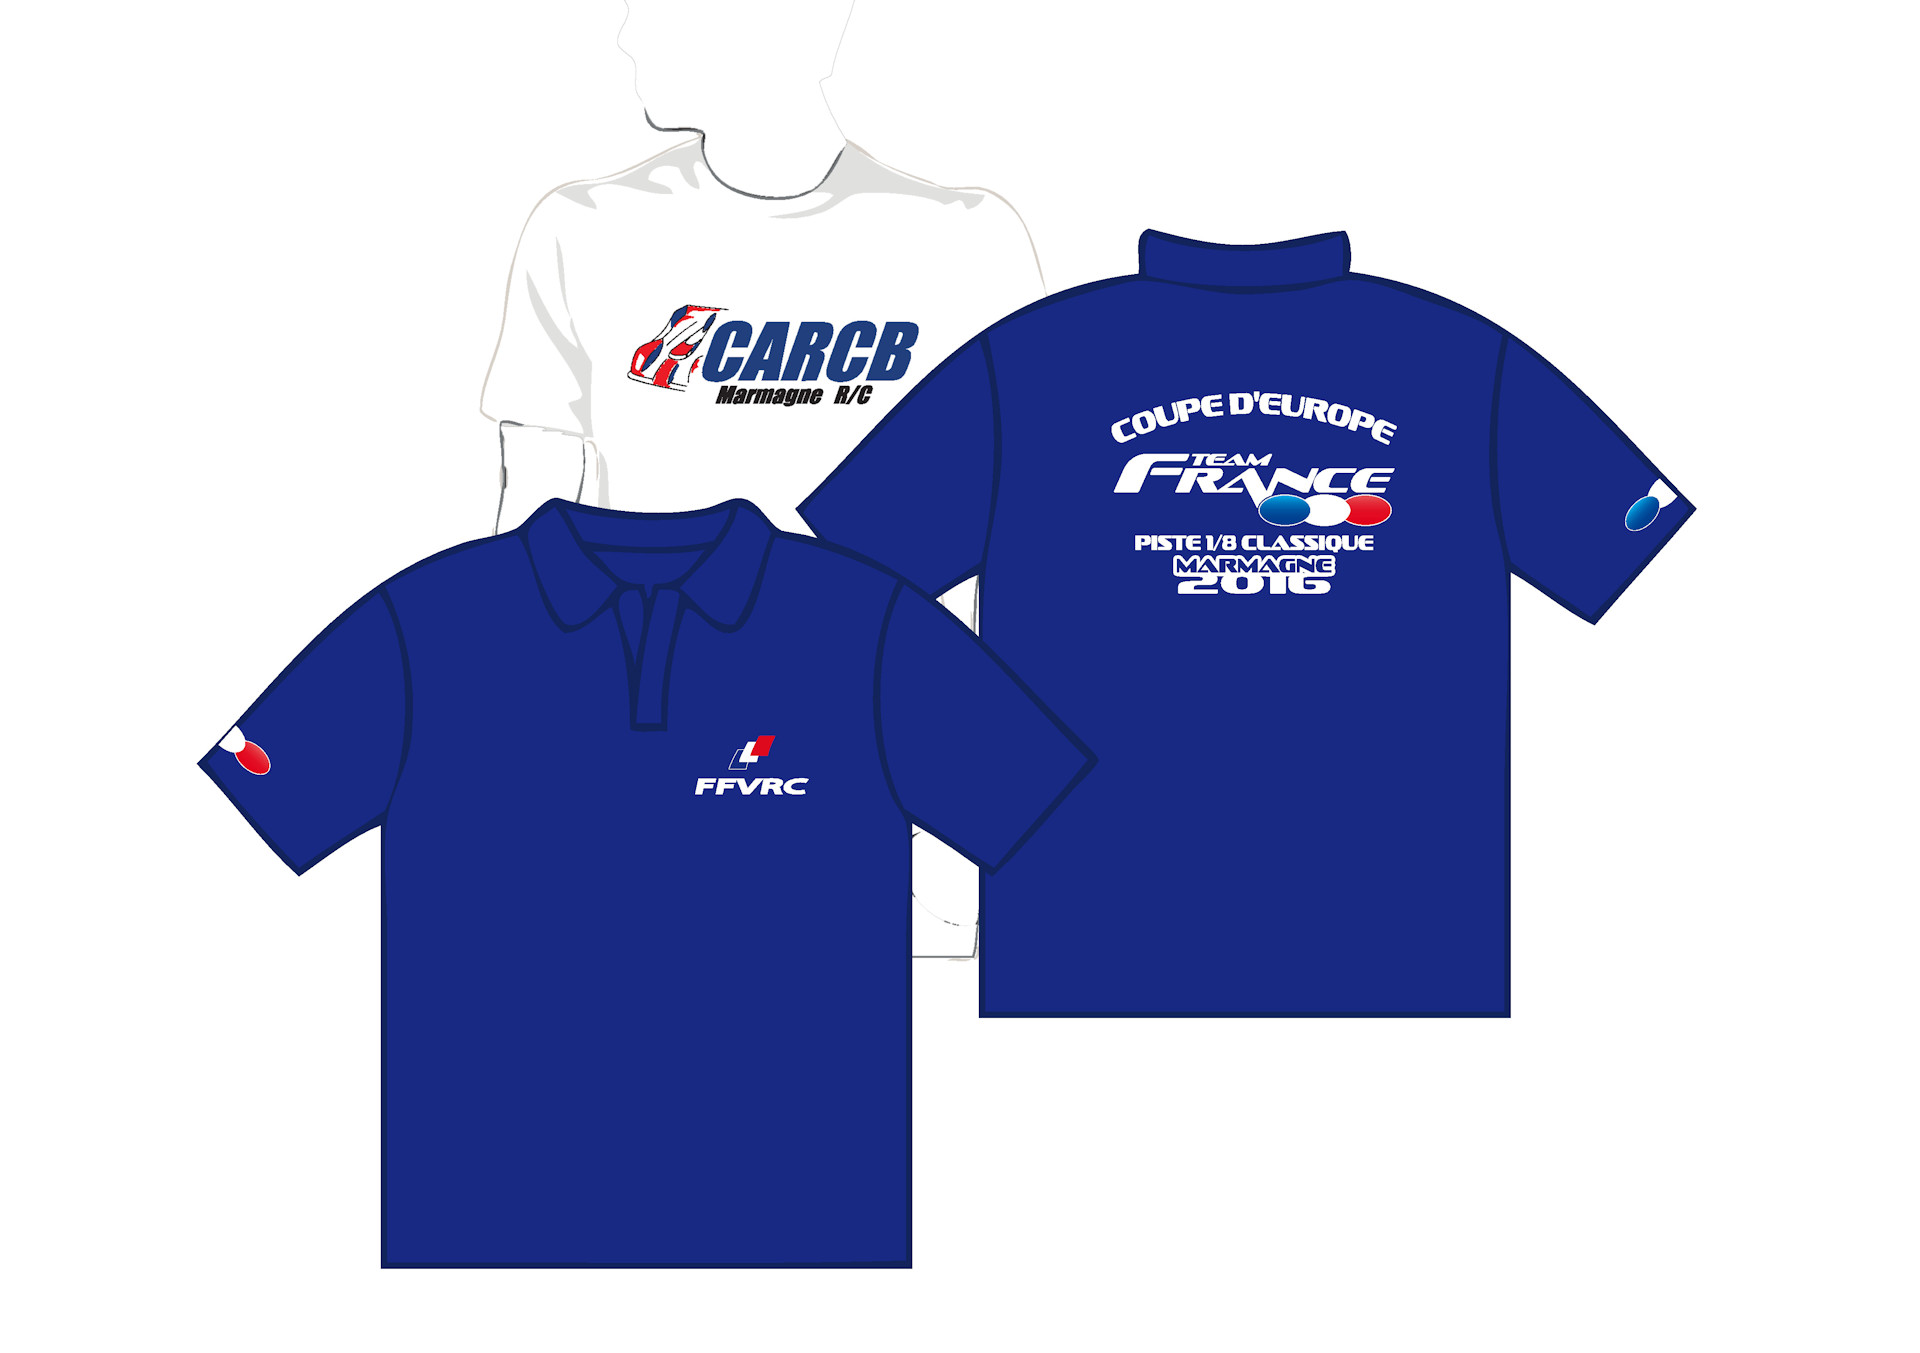 Tshirts carcb ce 2016 redim